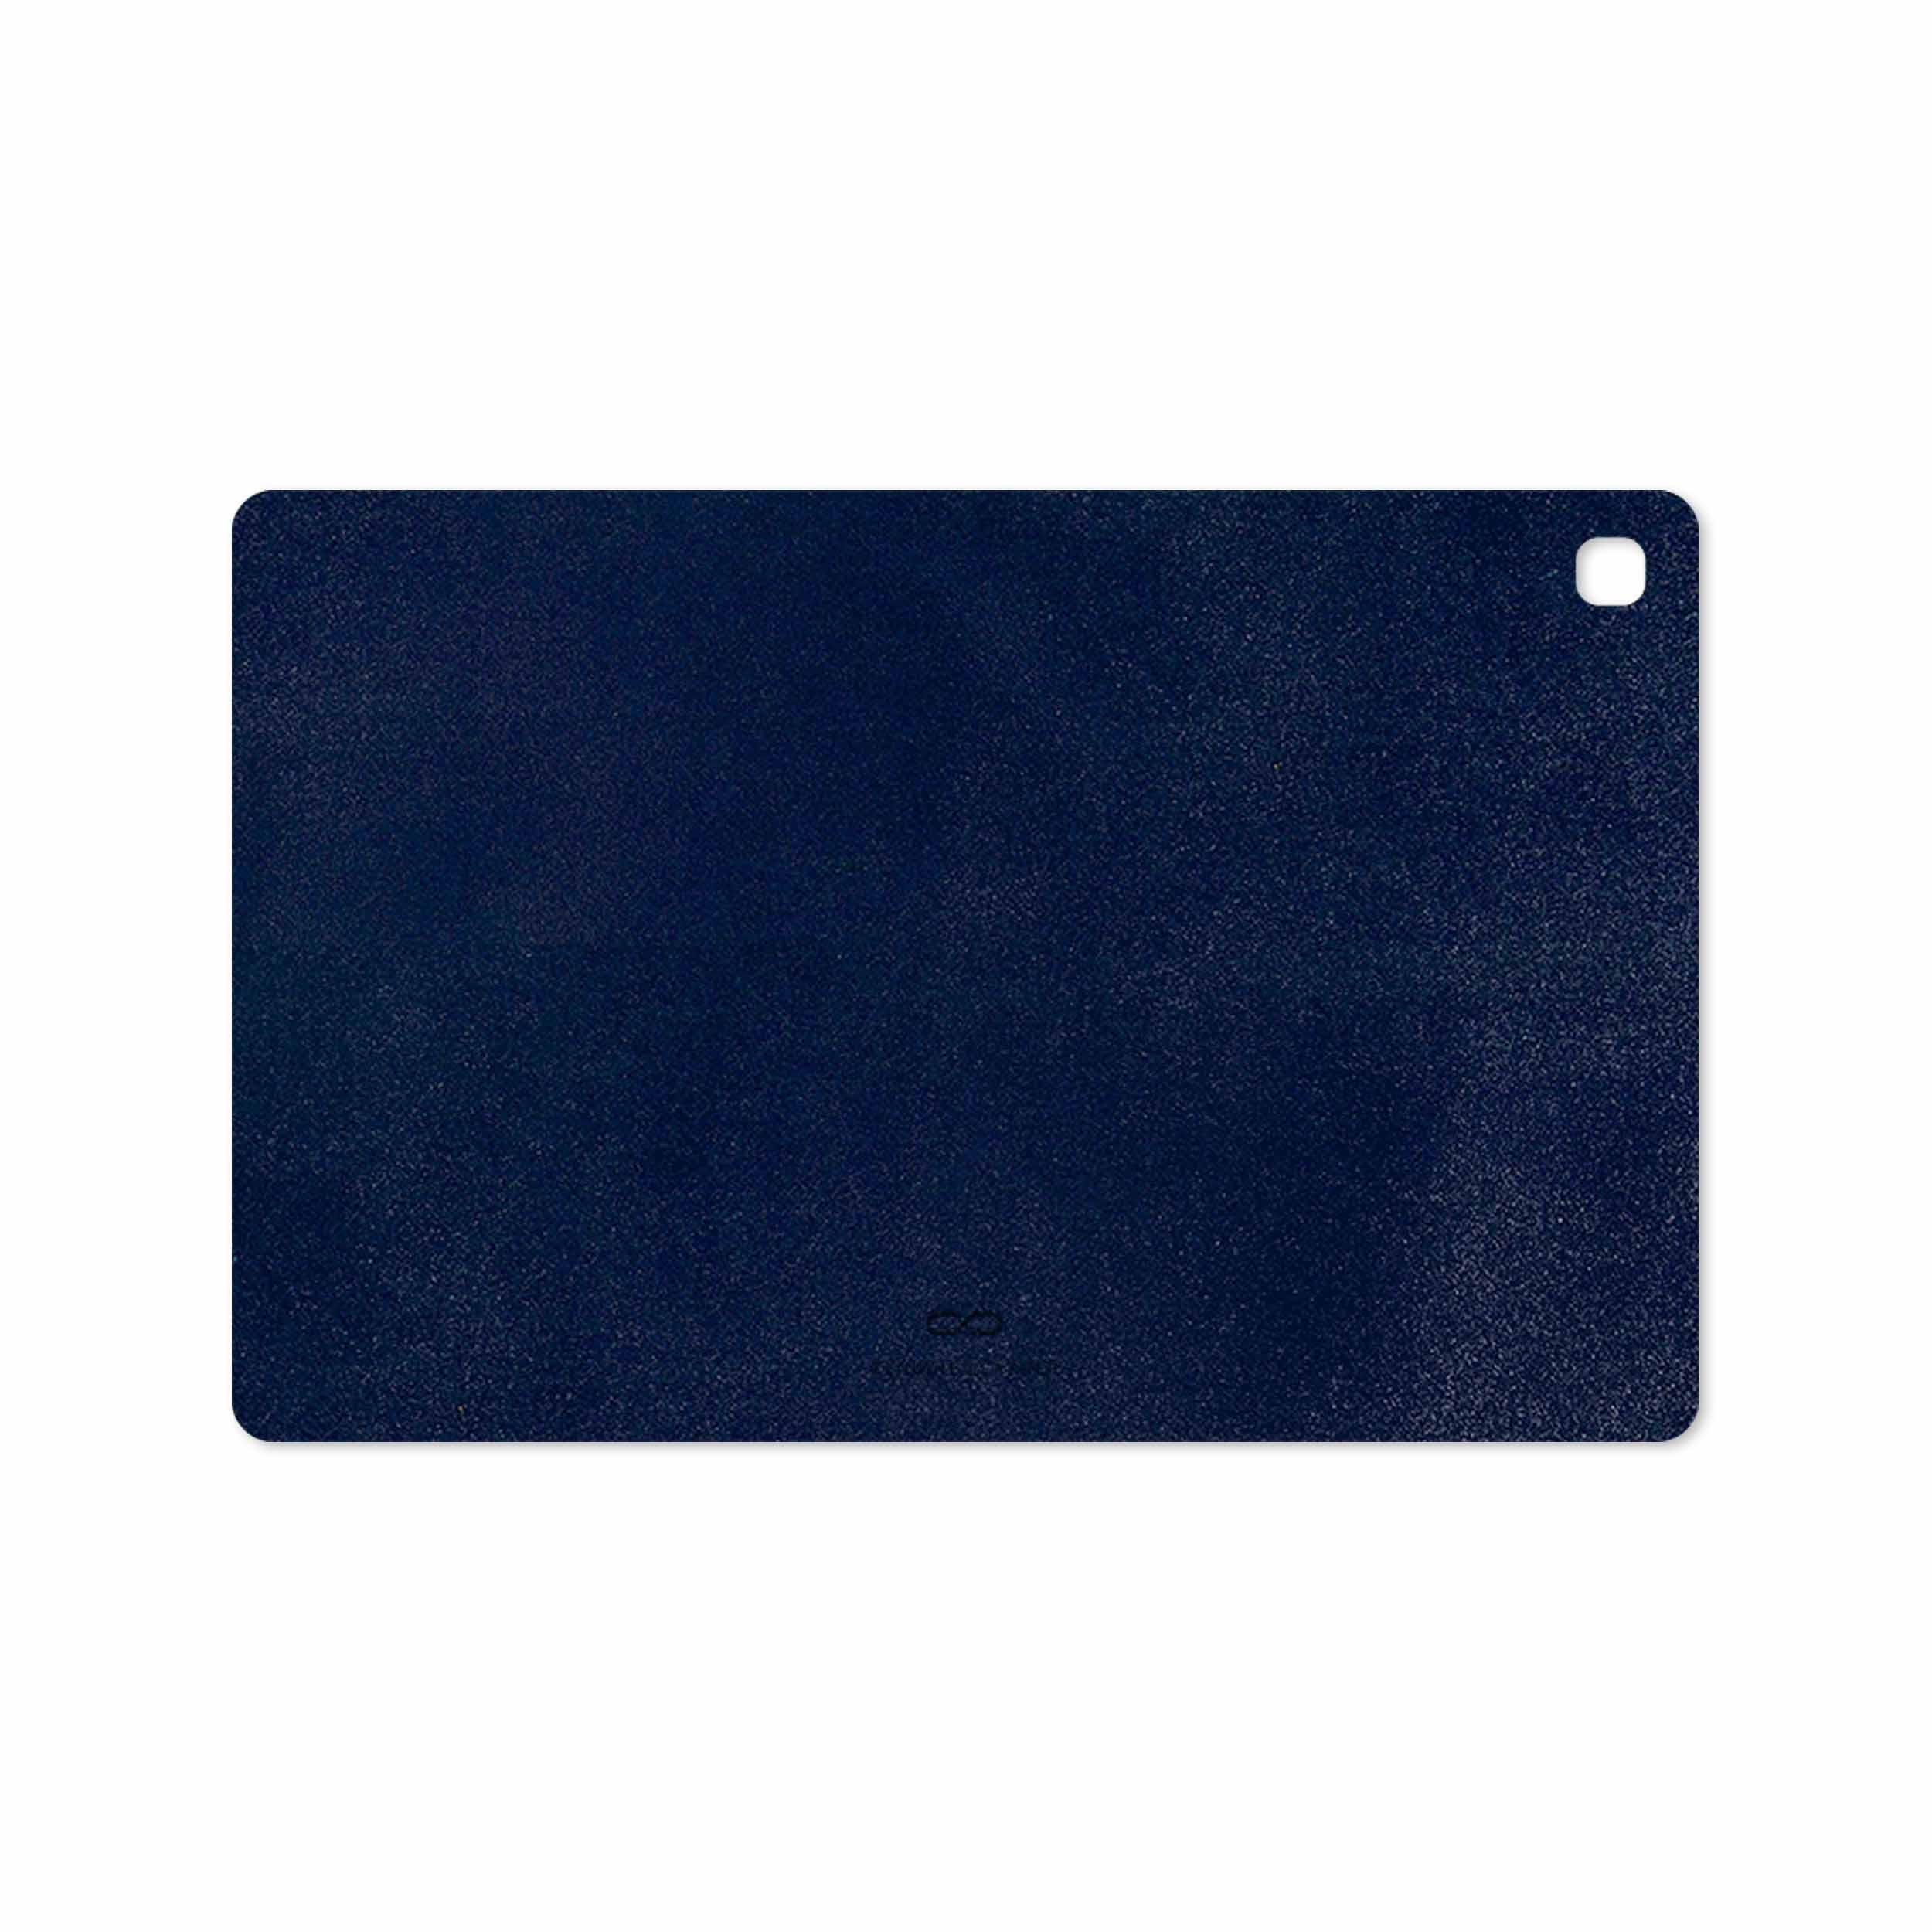 بررسی و خرید [با تخفیف]                                     برچسب پوششی ماهوت مدل Deep-Blue-Leather مناسب برای تبلت سامسونگ Galaxy Tab S5e 10.5 2019 T725                             اورجینال